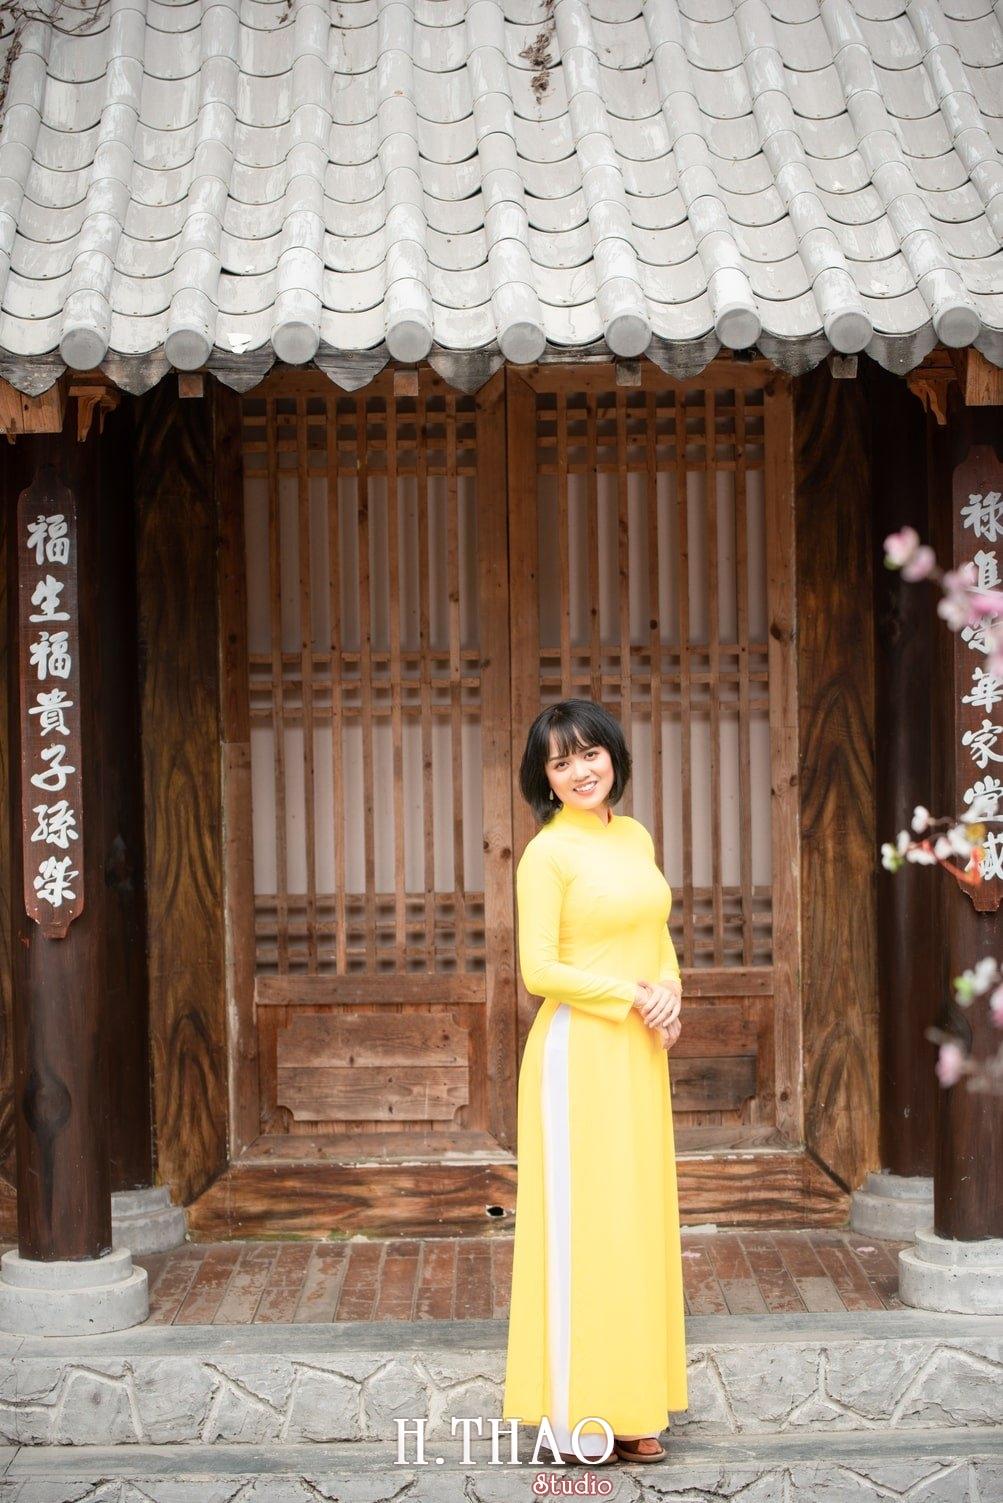 Ao dai tet 2021 5 - Album áo dài xuân chị Trang chụp tại Alibaba tuyệt đẹp - HThao Studio